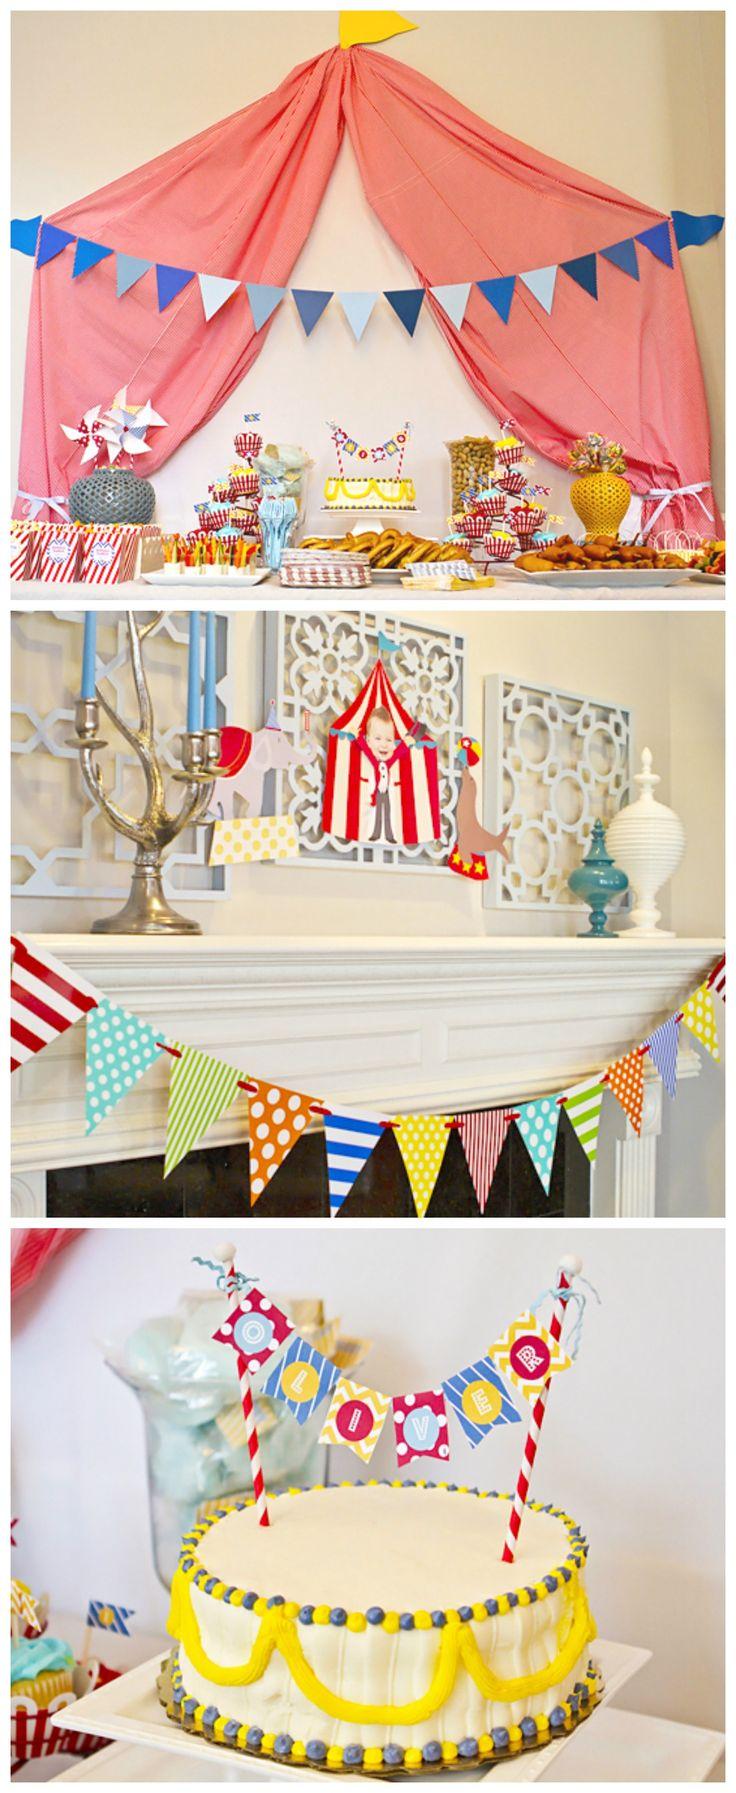 anniversaire enfant th me cirque party pinterest. Black Bedroom Furniture Sets. Home Design Ideas